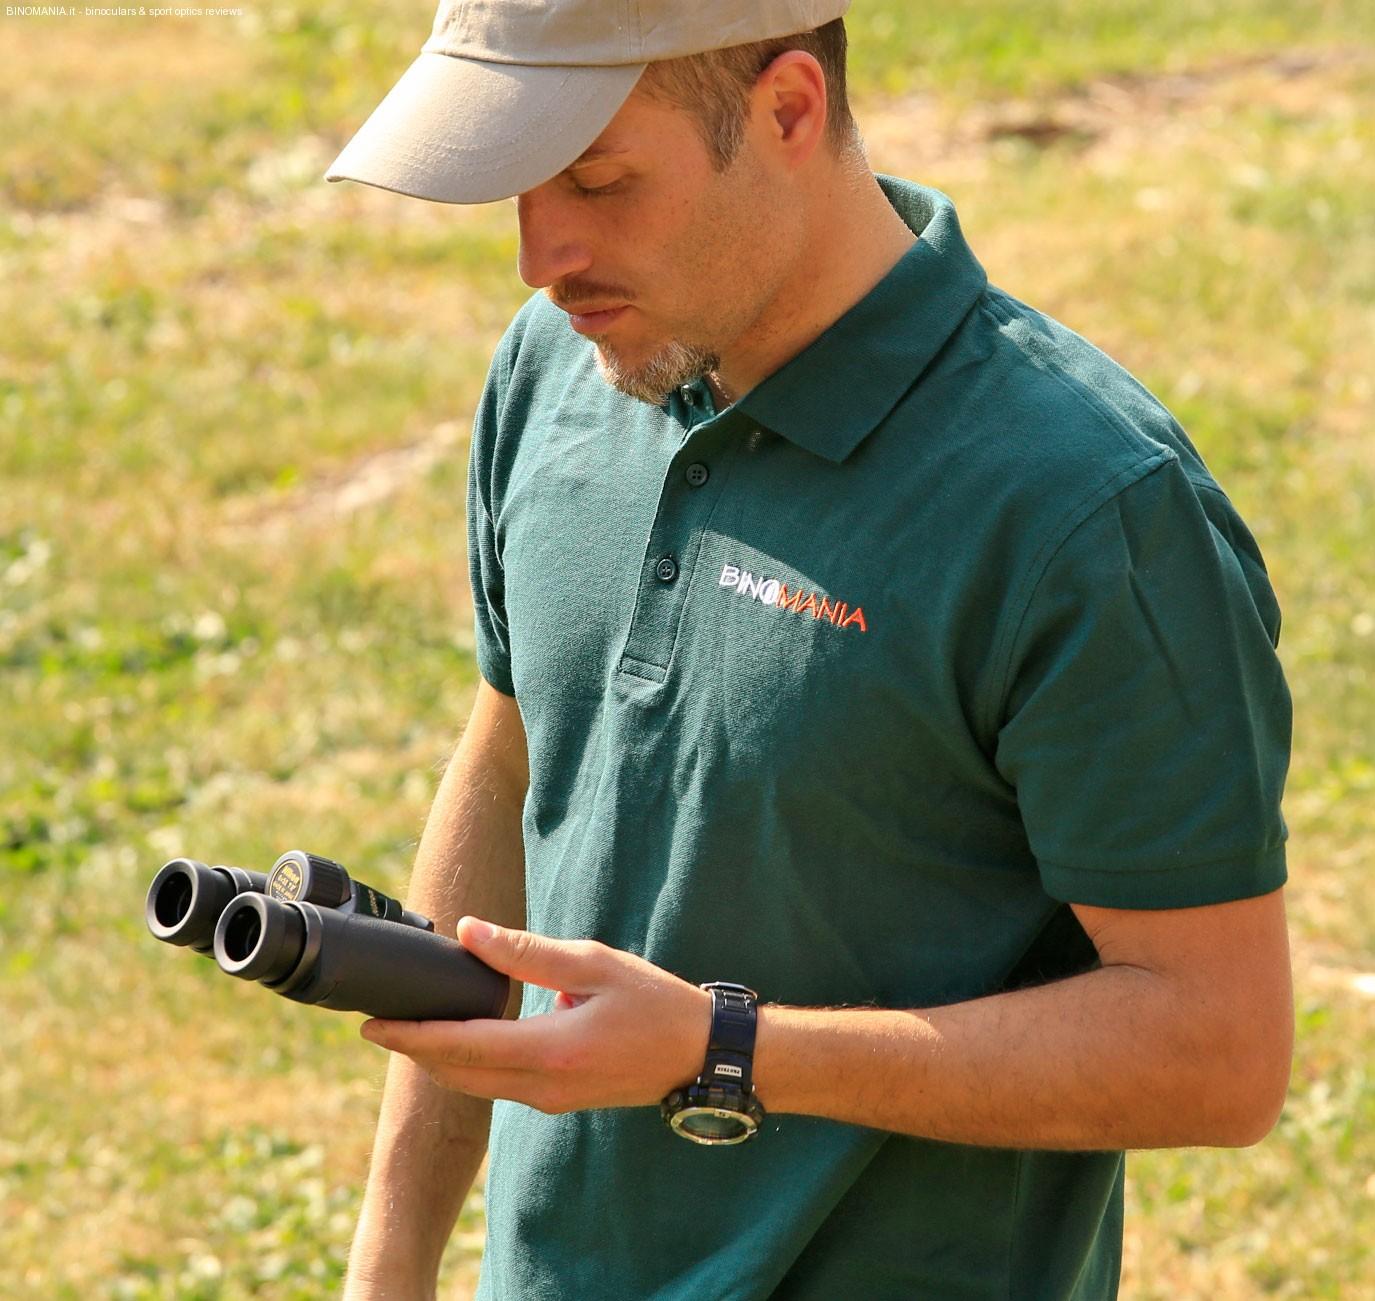 L'autore durante una fase del test.